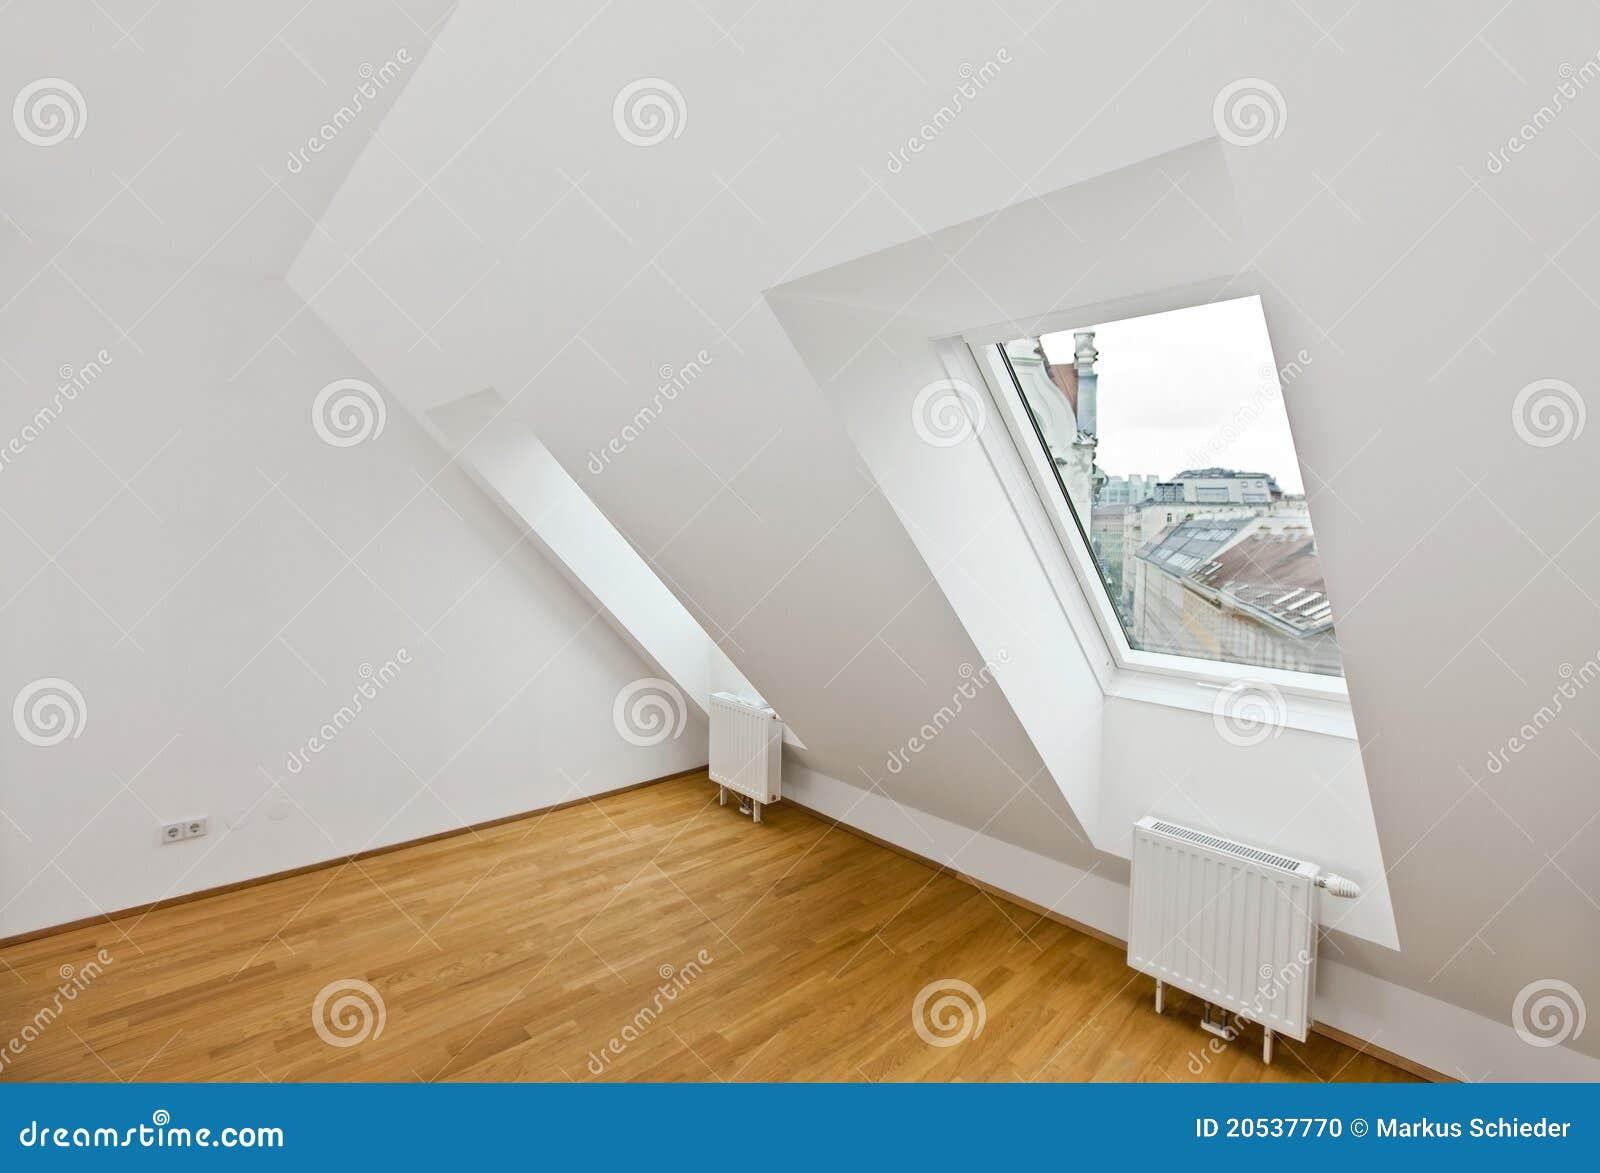 Fußboden Im Dachboden ~ Dachboden flach mit hölzernem fußboden stockfoto bild von aufbau